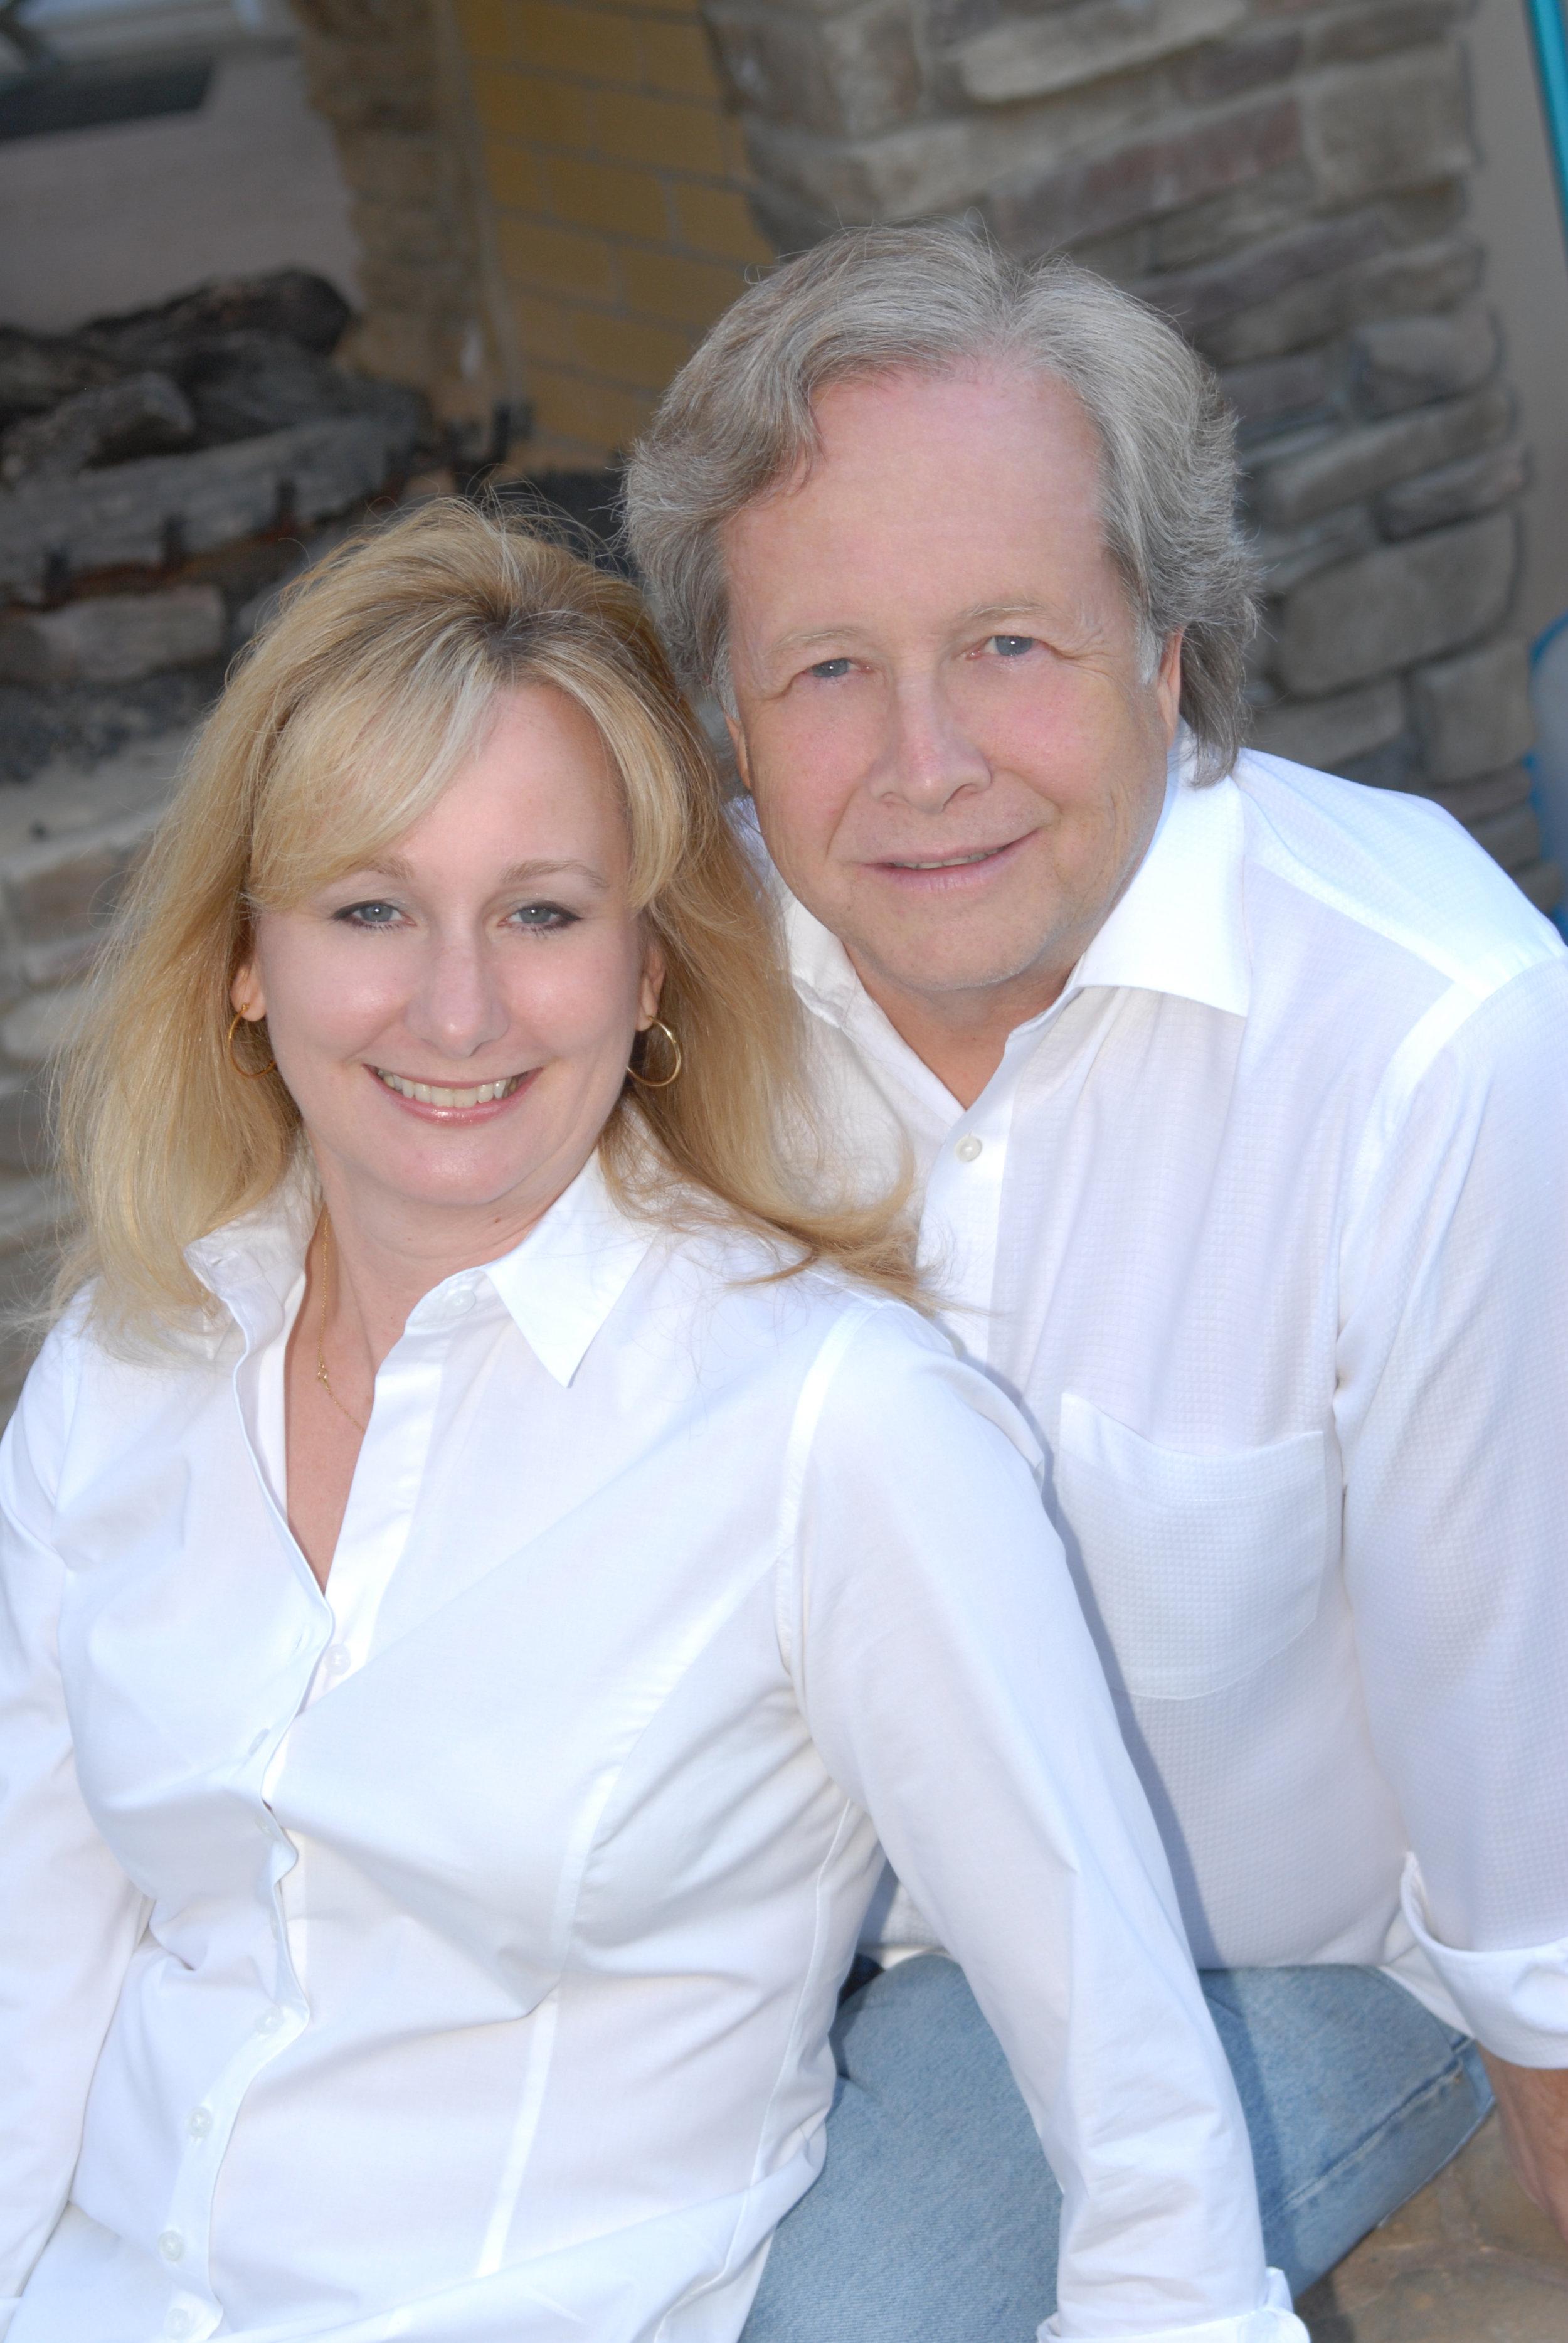 Otis Webb & Julie Geistlinger, Show Promoters